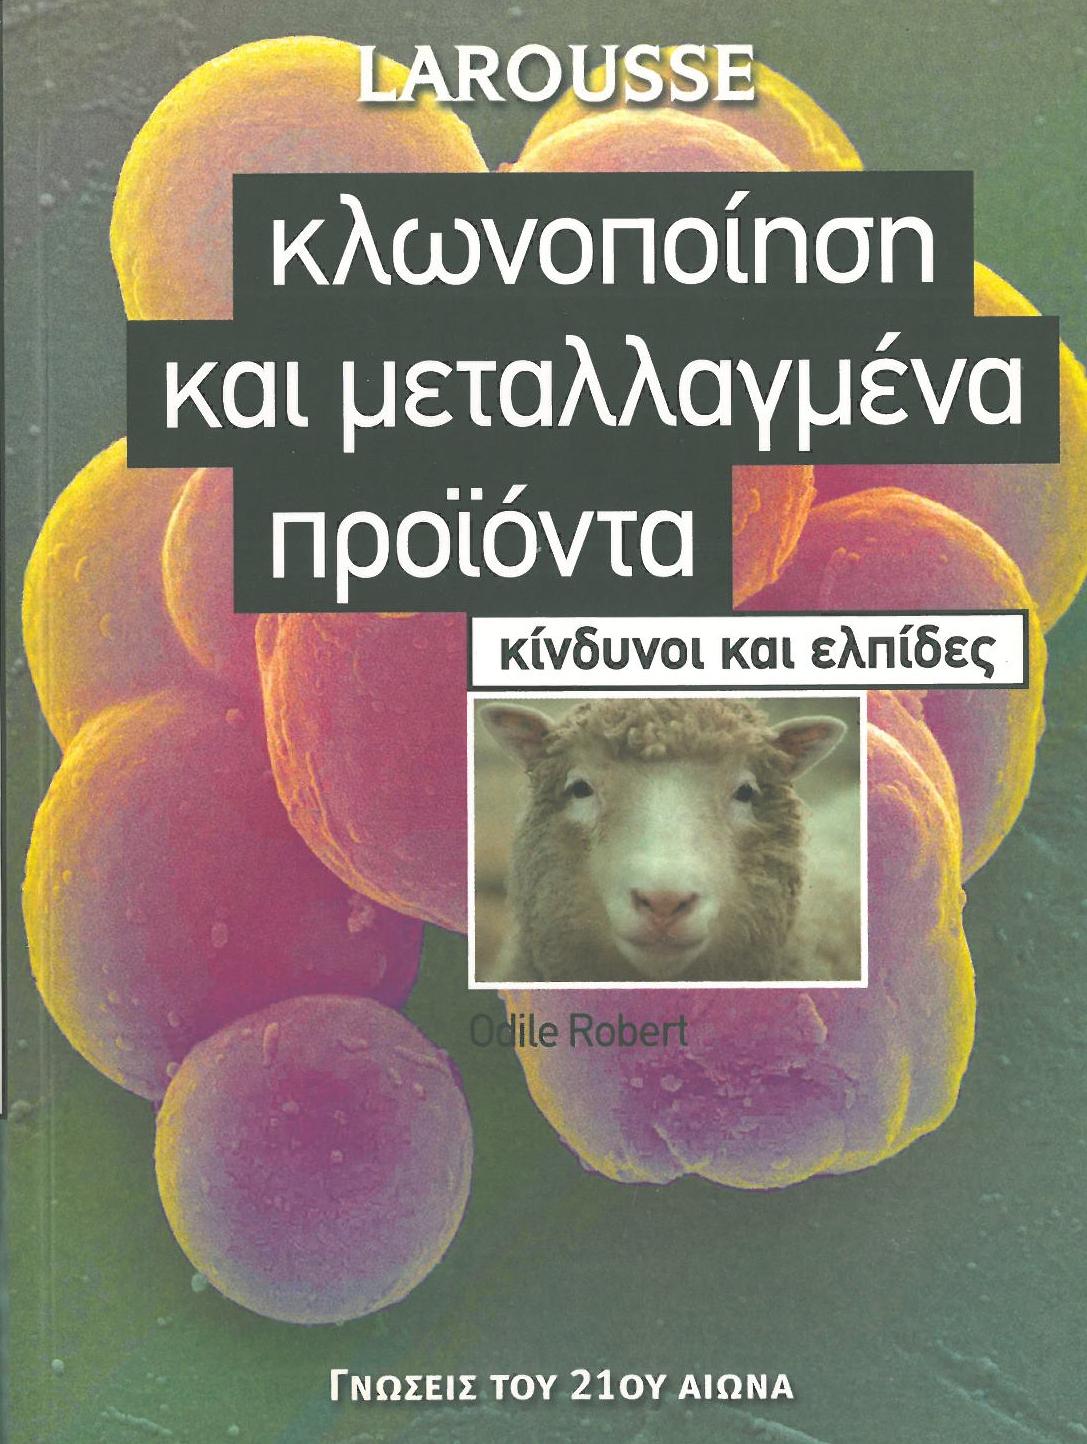 """""""ΚΛΩΝΟΠΟΙΗΣΗ ΚΑΙ ΜΕΤΑΛΛΑΓΜΕΝΑ ΠΡΟΪΟΝΤΑ κίνδυνοι και ελπίδες"""" εξώφυλλο βιβλίου"""